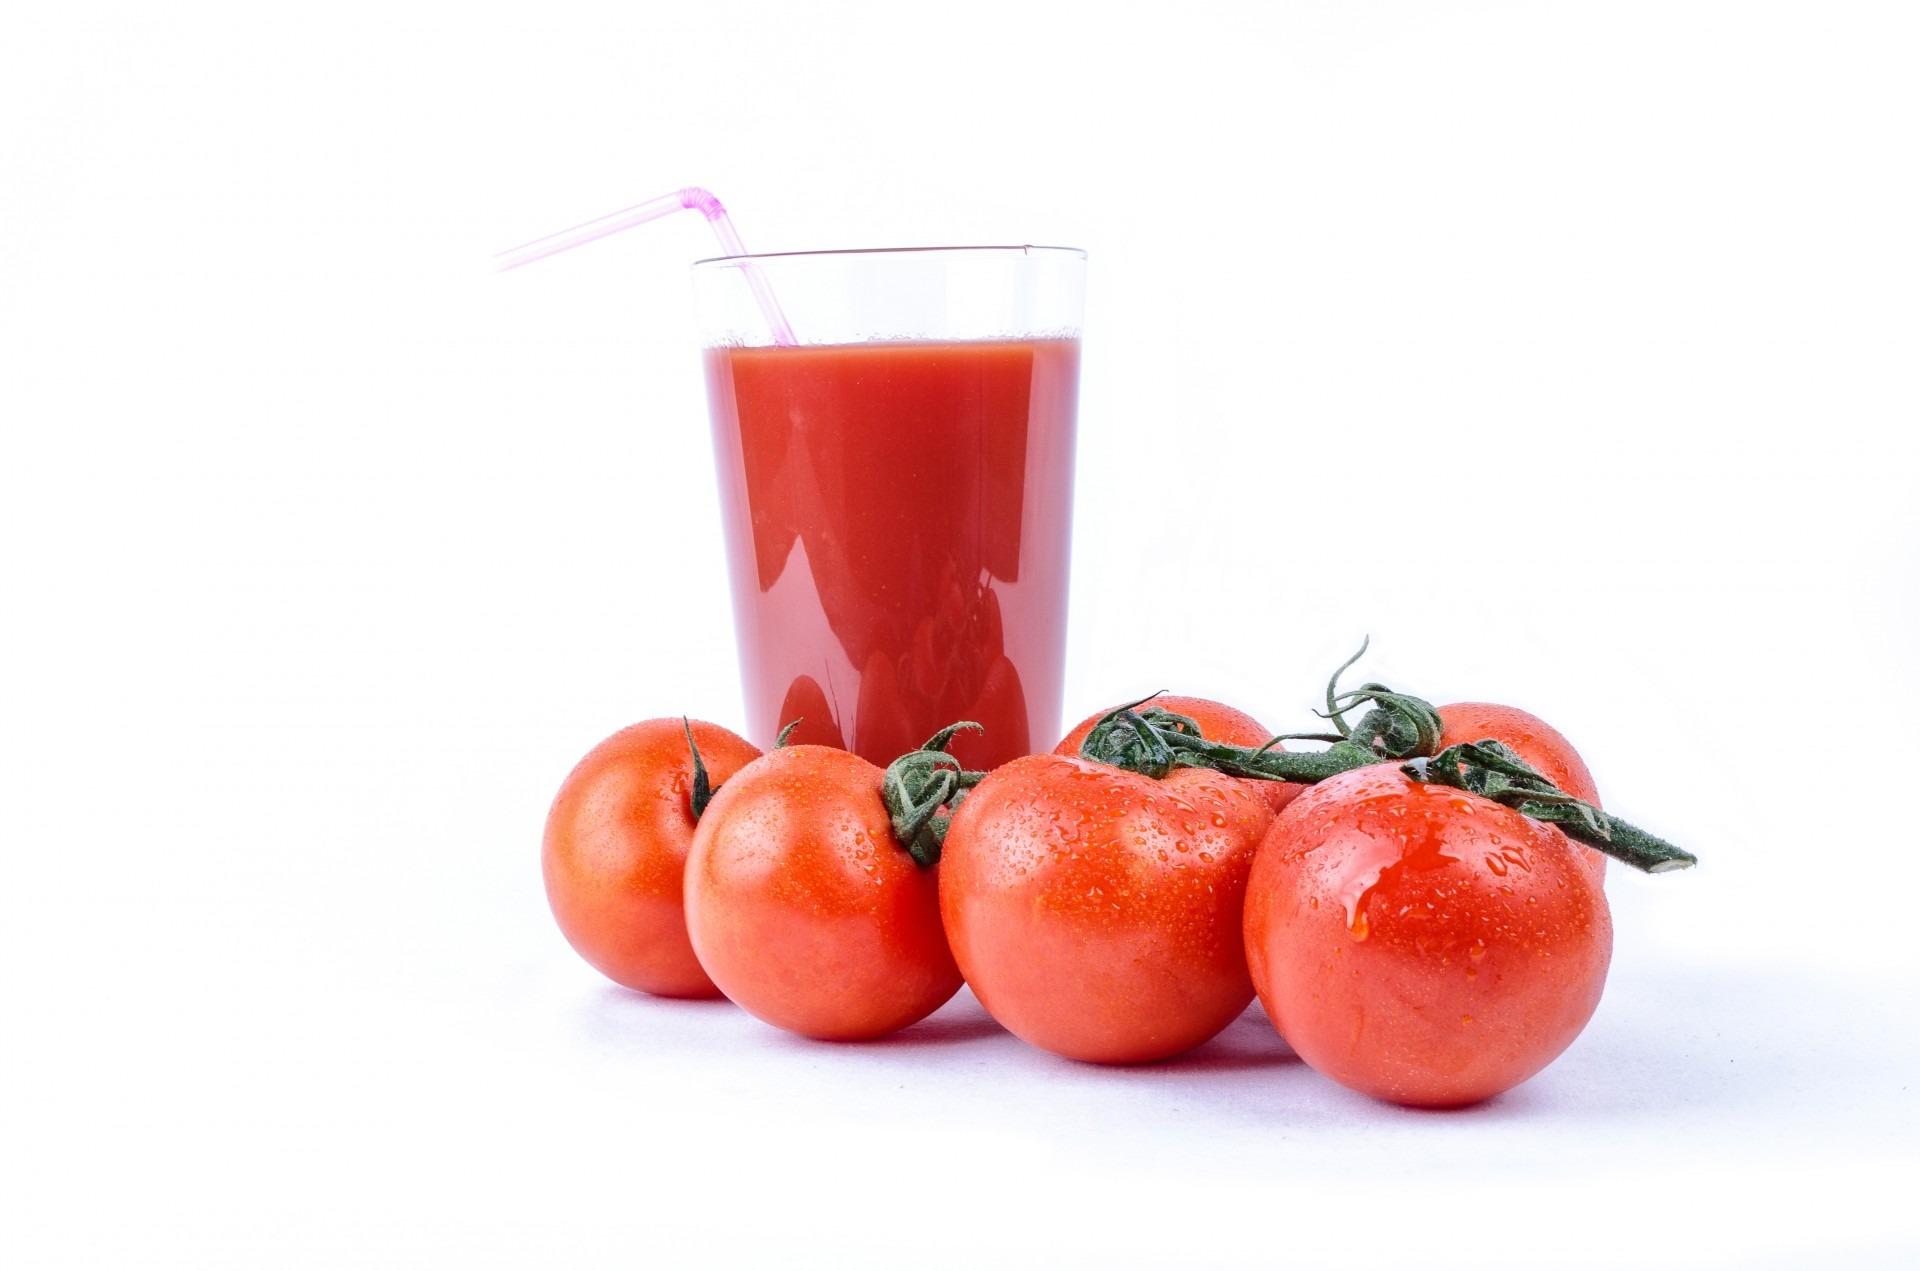 Рейтинг лучших производителей томатного сока и нектара в 2021 году